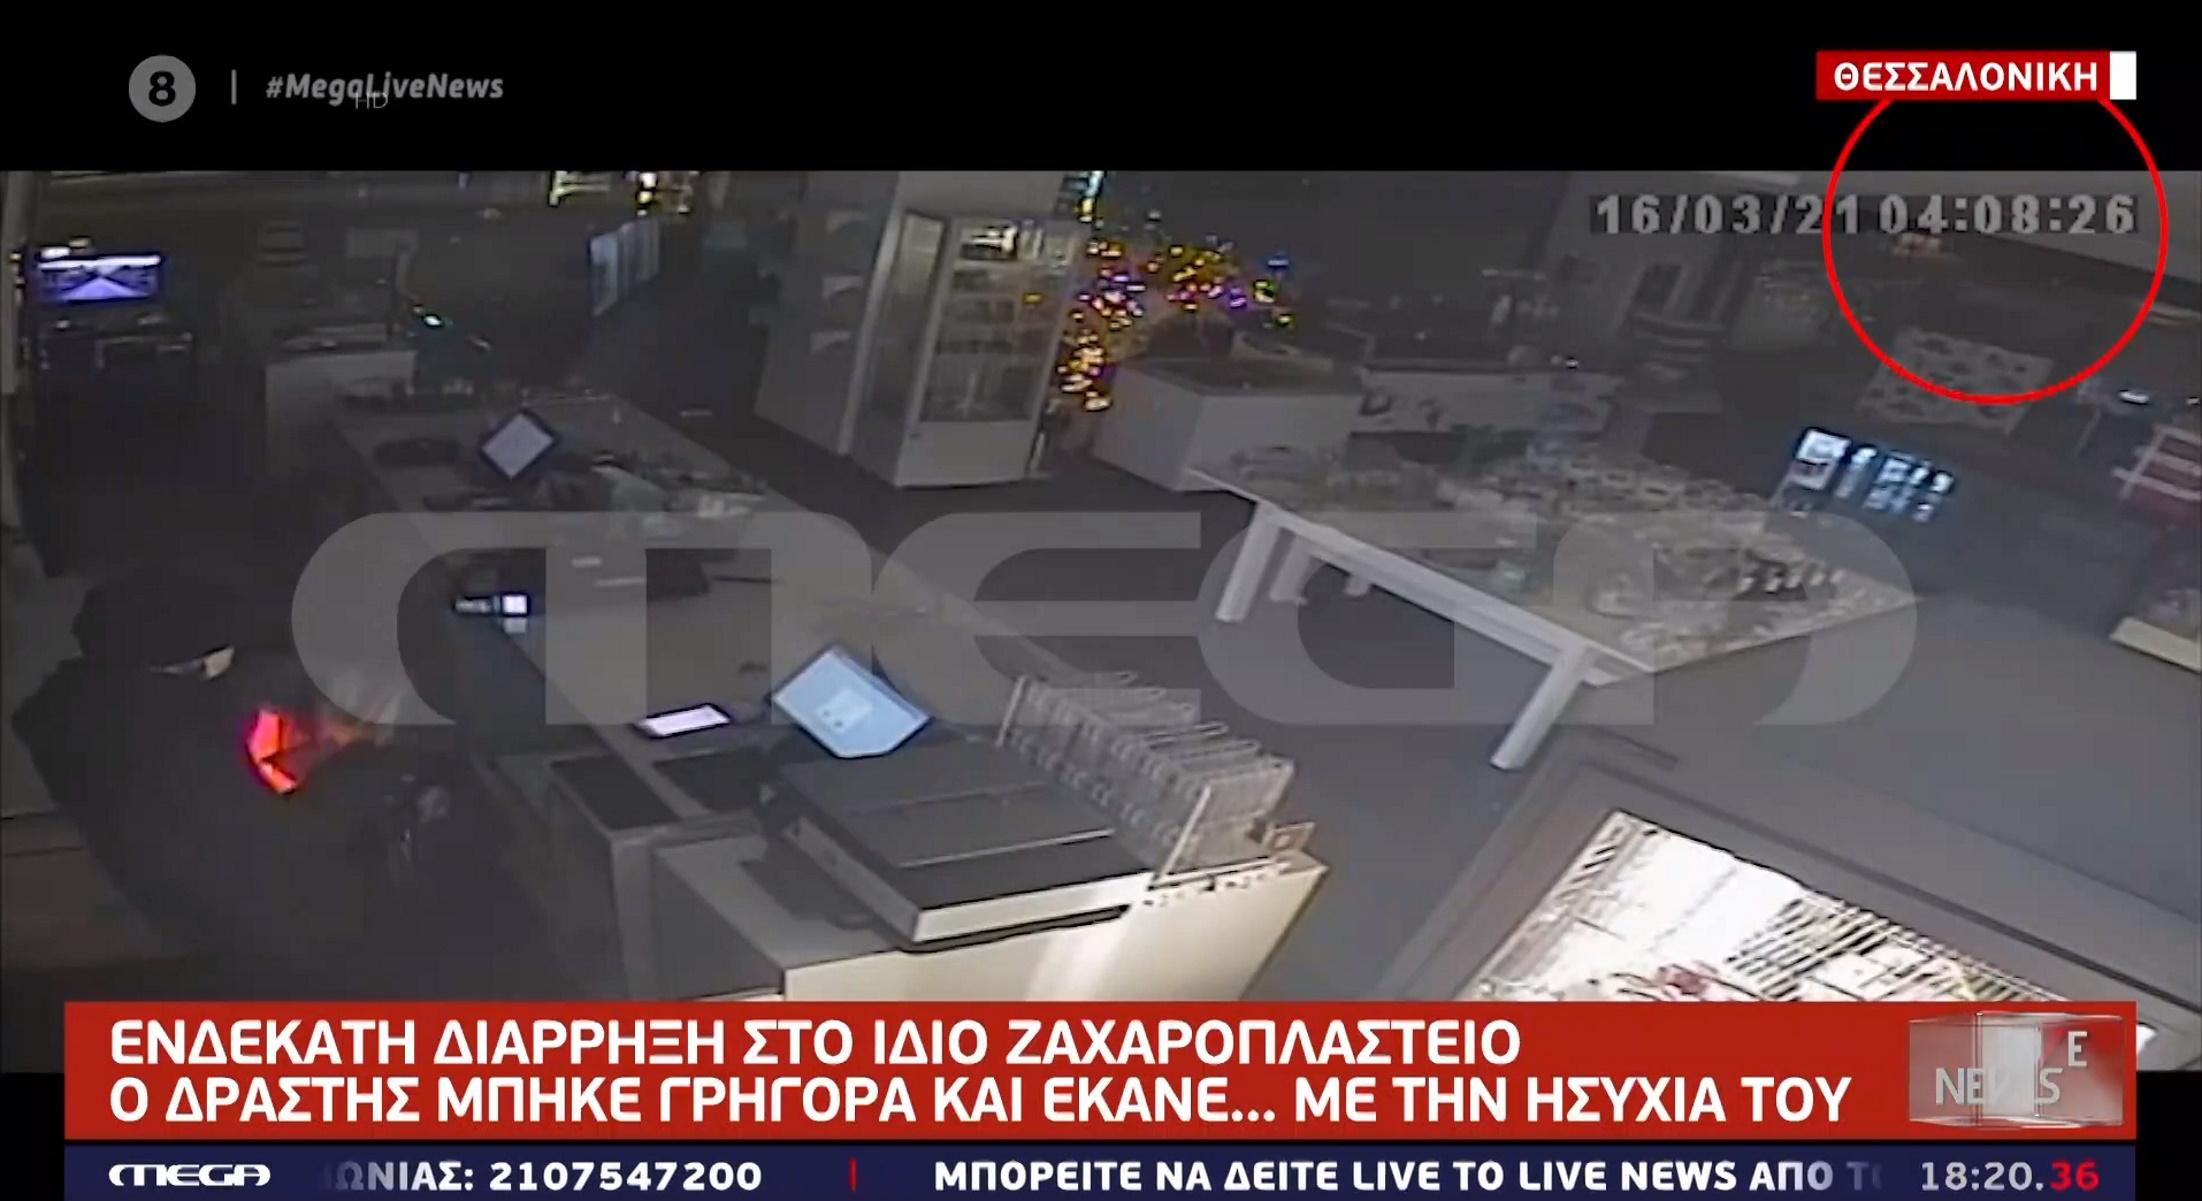 Βίντεο ντοκουμέντο από ληστεία ζαχαροπλαστείου στη Θεσσαλονίκη – Ήταν η 11η φορά